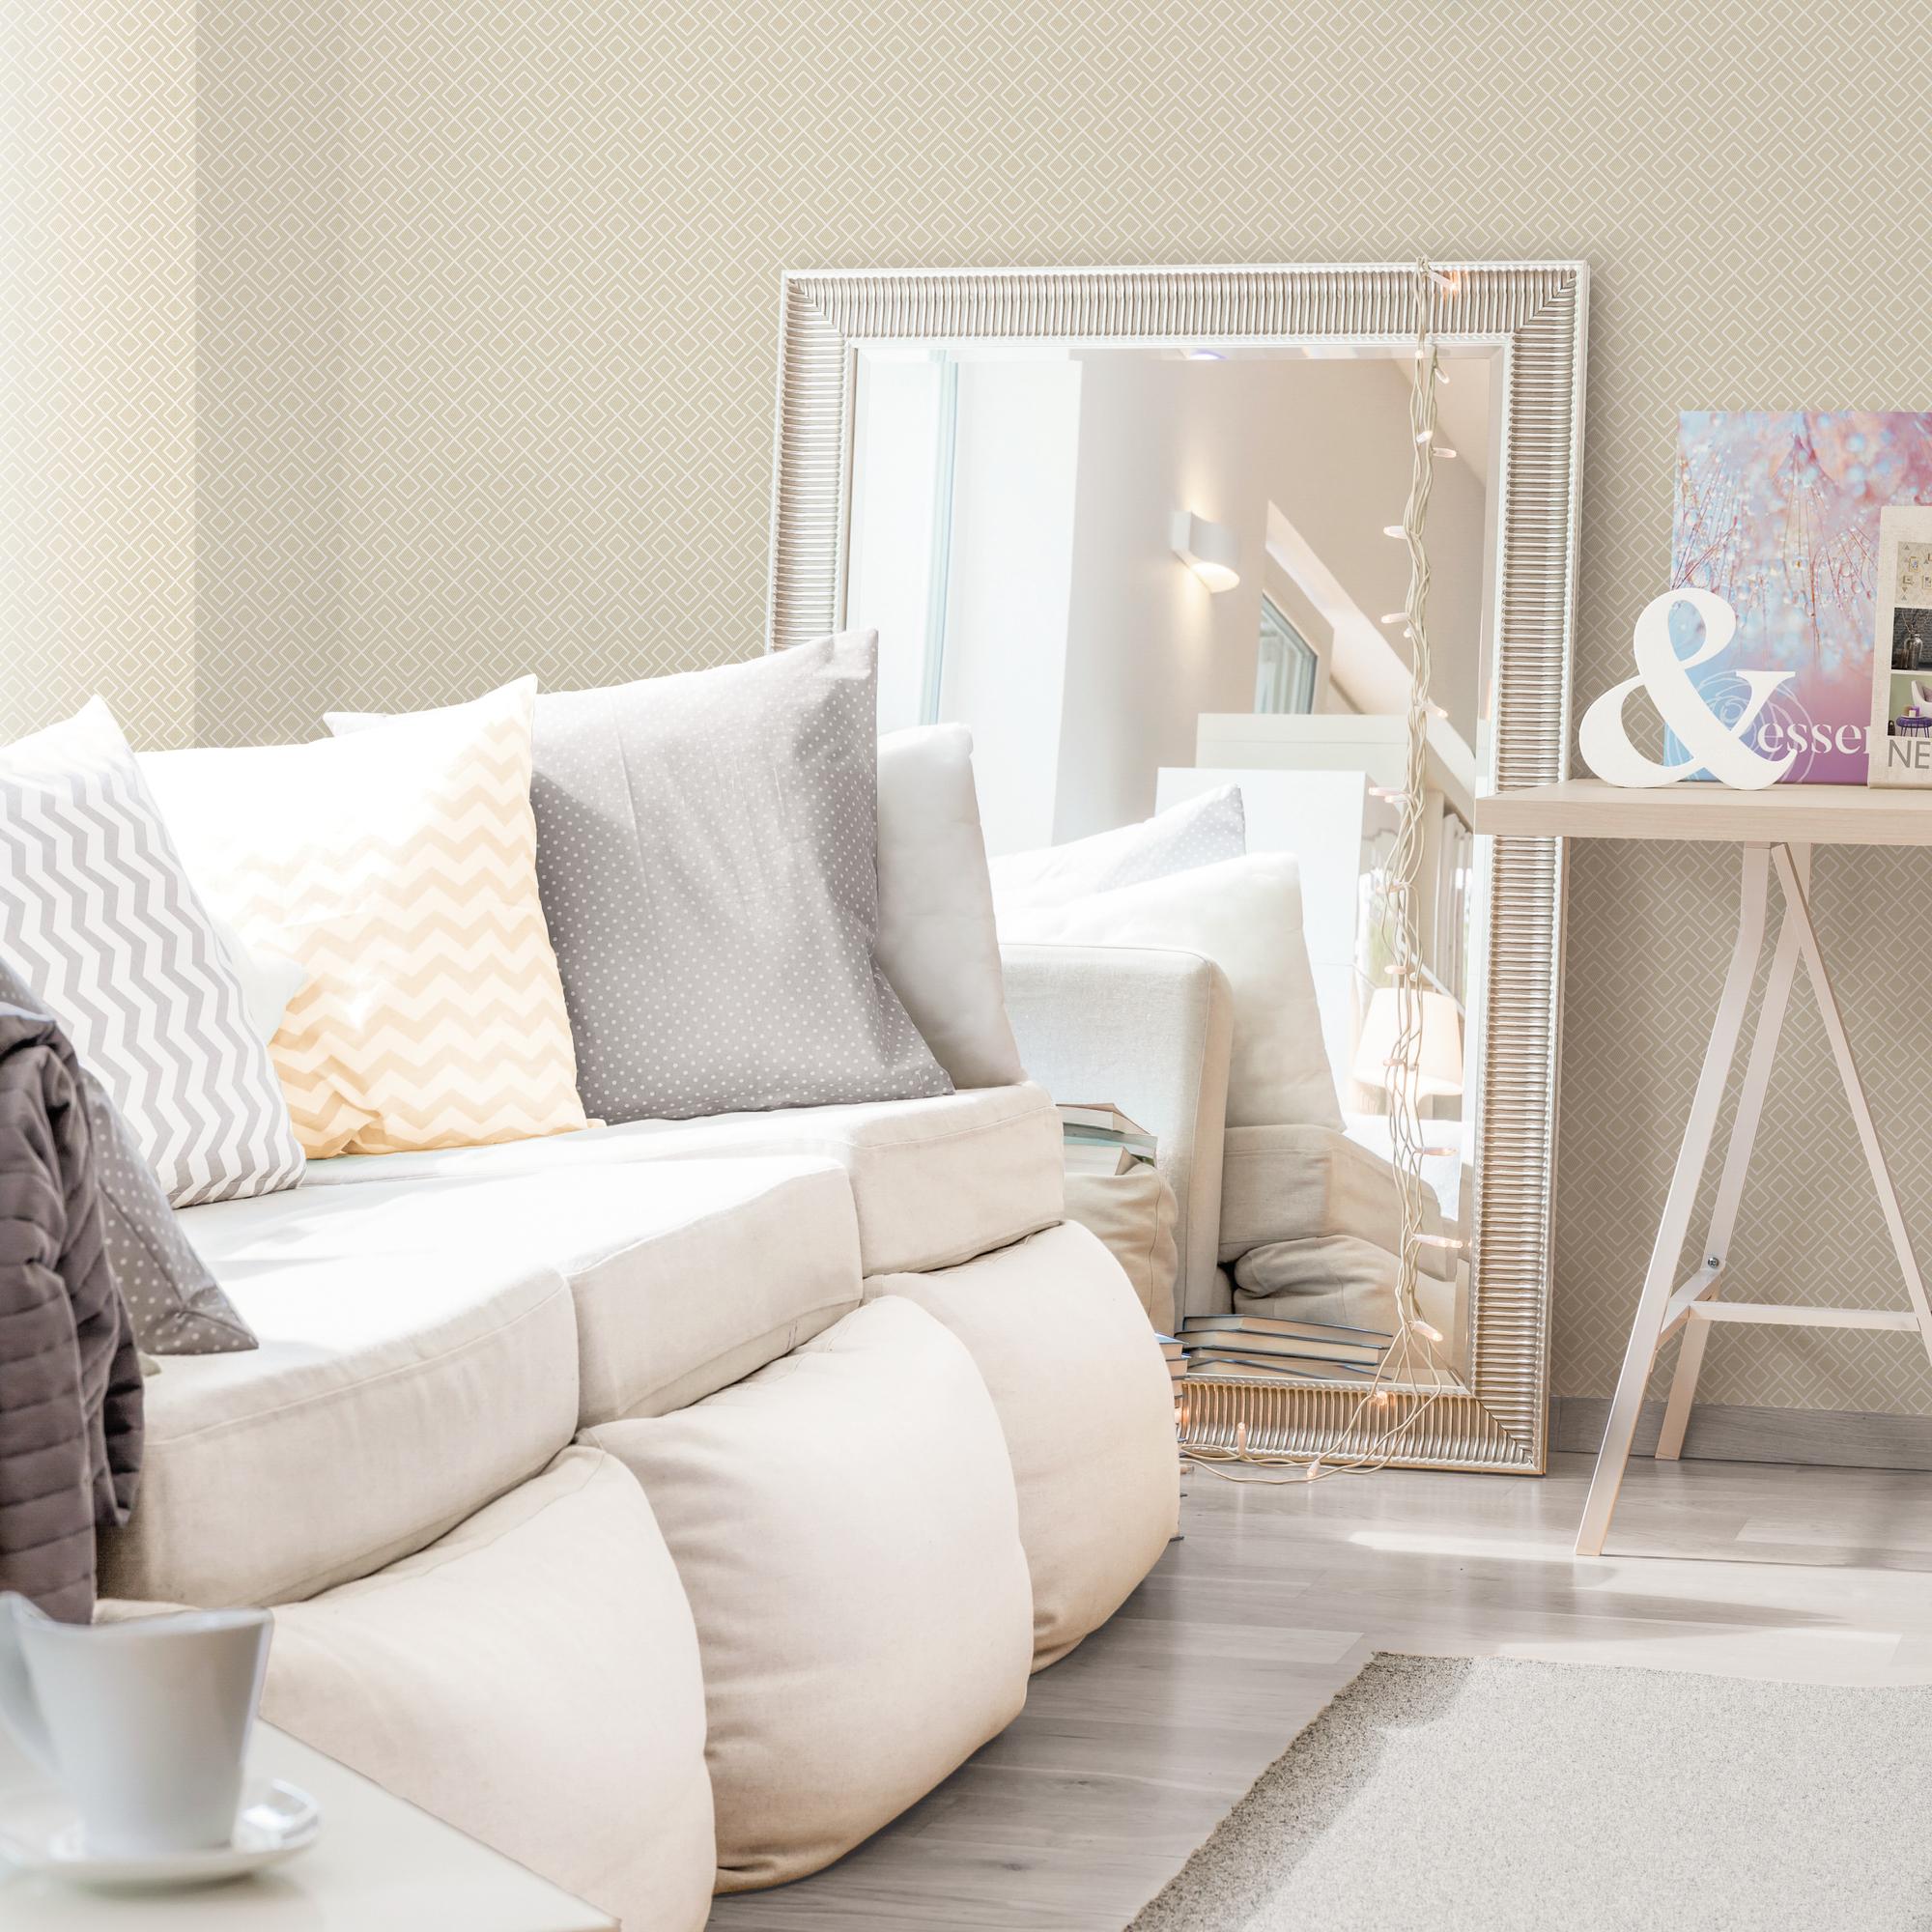 Installer des miroirs pour rendre une pièce plus lumineuse